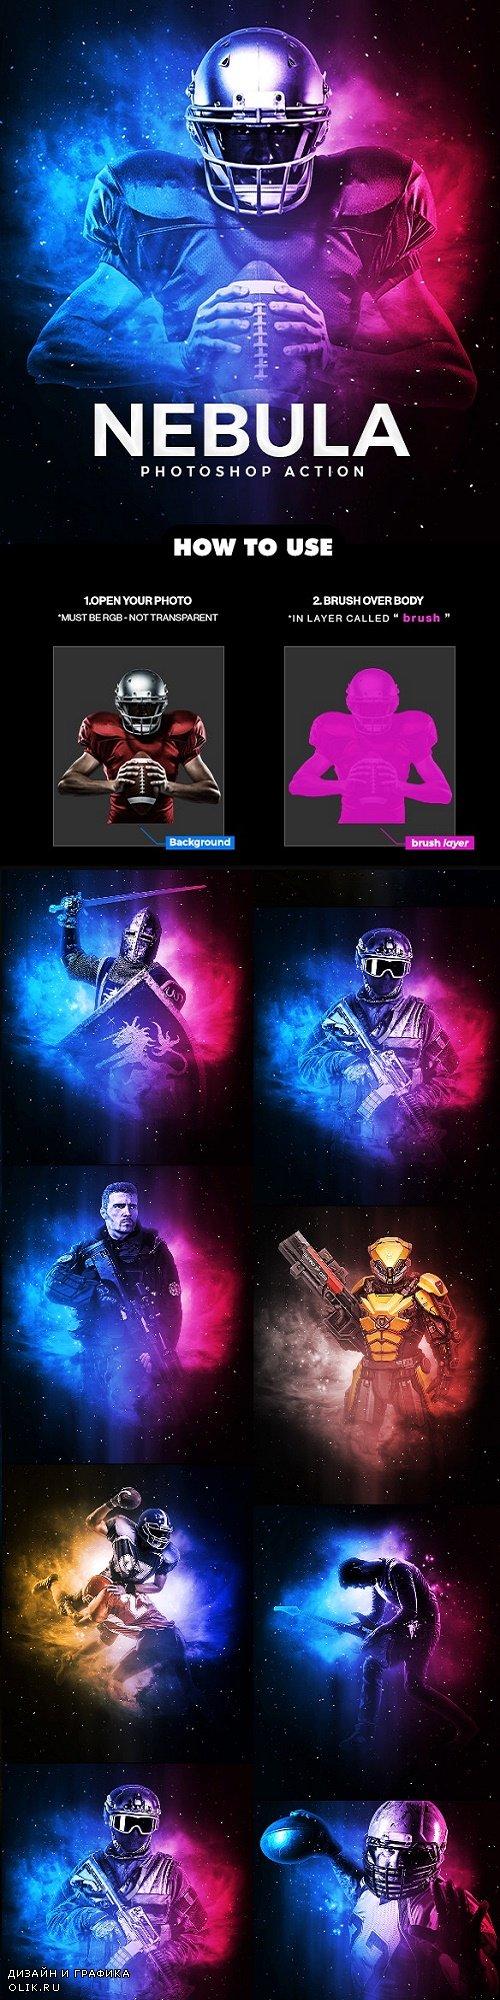 Nebula Photoshop Action - 24837553